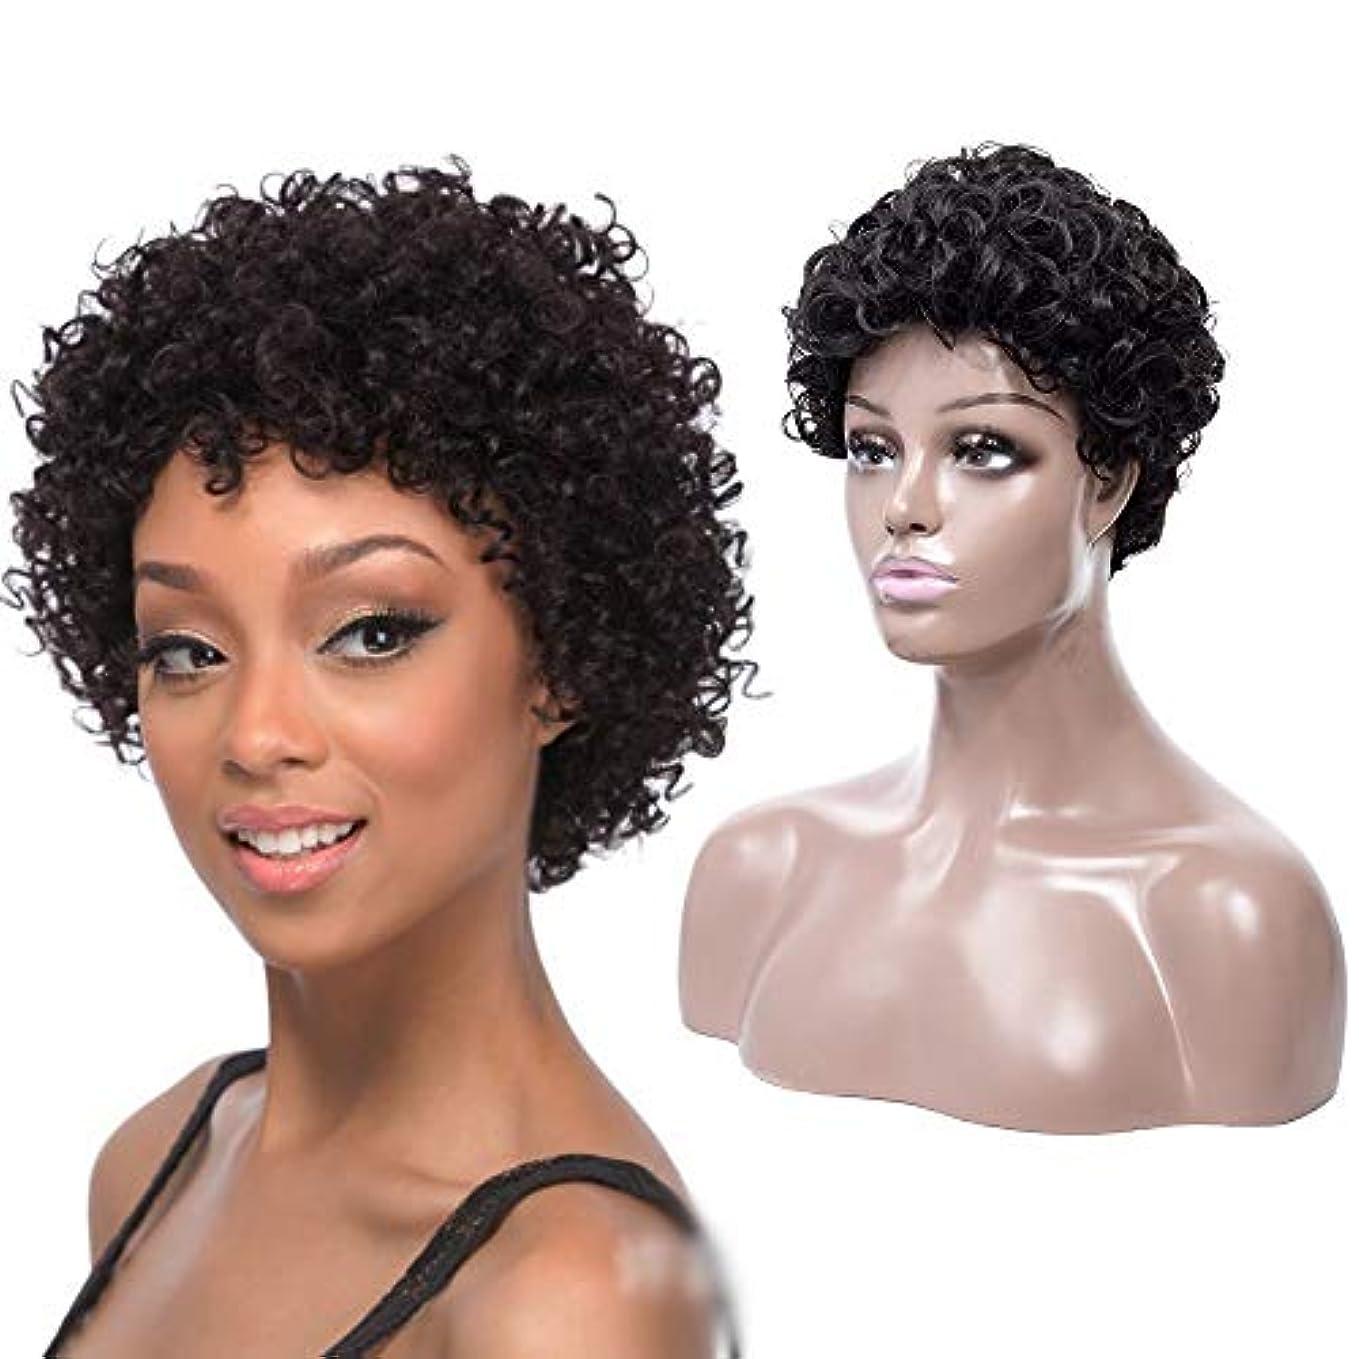 膨らませるのためにアラブサラボYOUQIU 女性1B#ナチュラルブラックウィッグアフリカ黒ショートボブウィッグナチュラルショートカーリーウィッグ (色 : 黒)